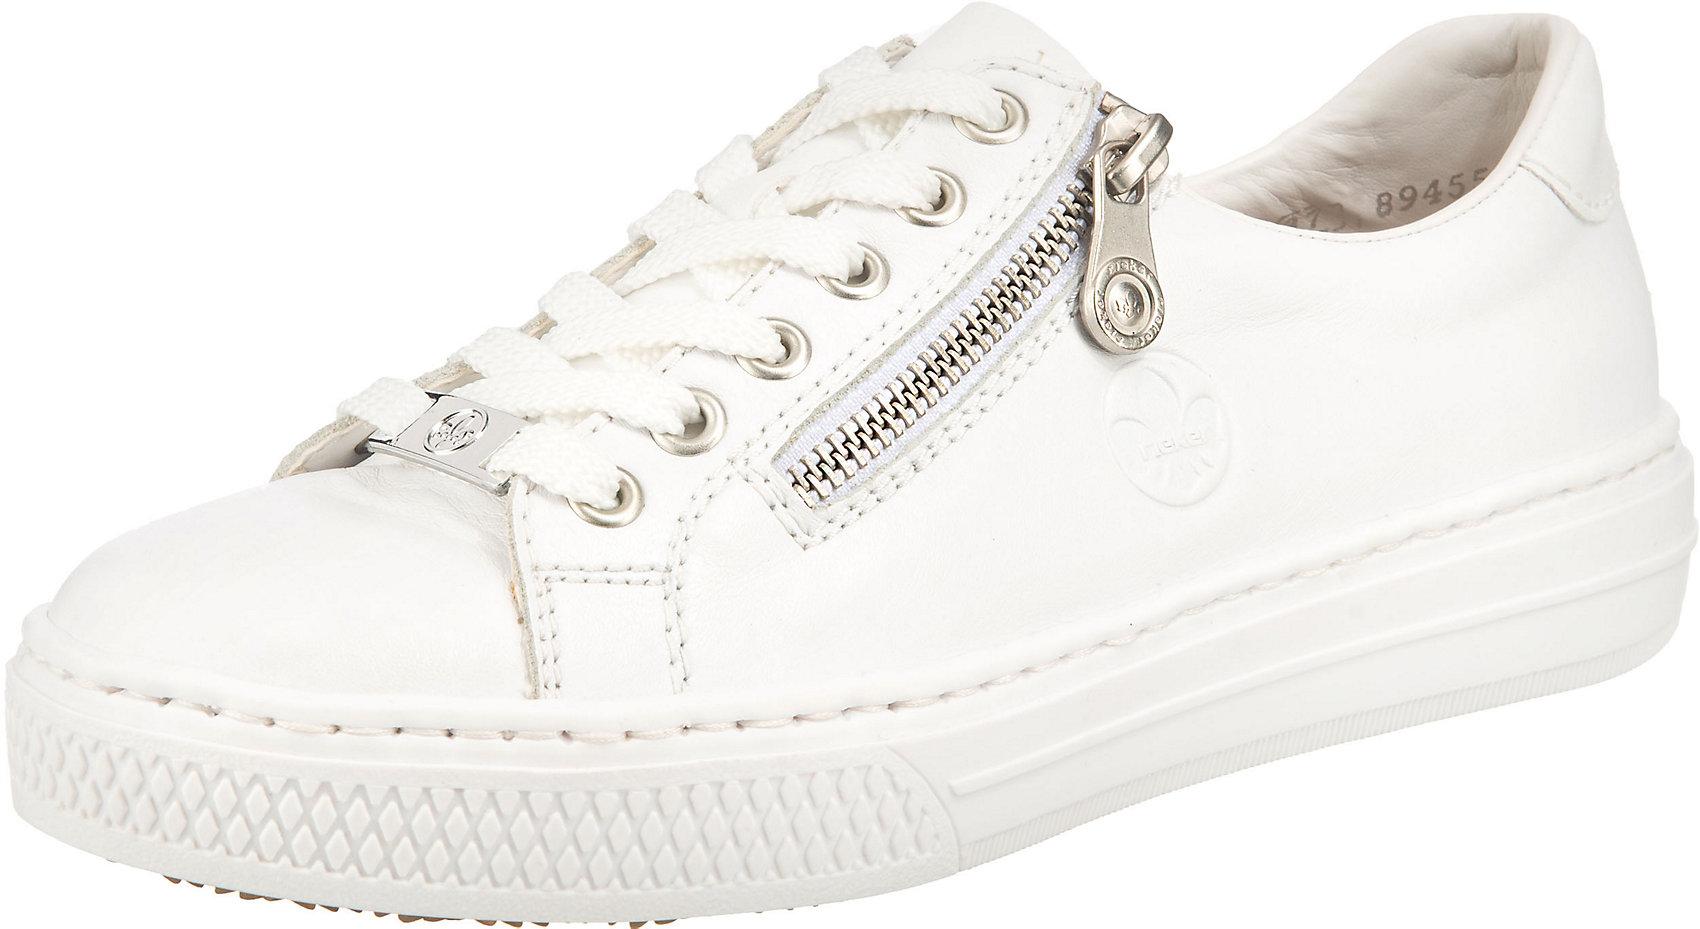 Indexbild 8 - Neu rieker Sneakers Low 17444045 für Damen weiß